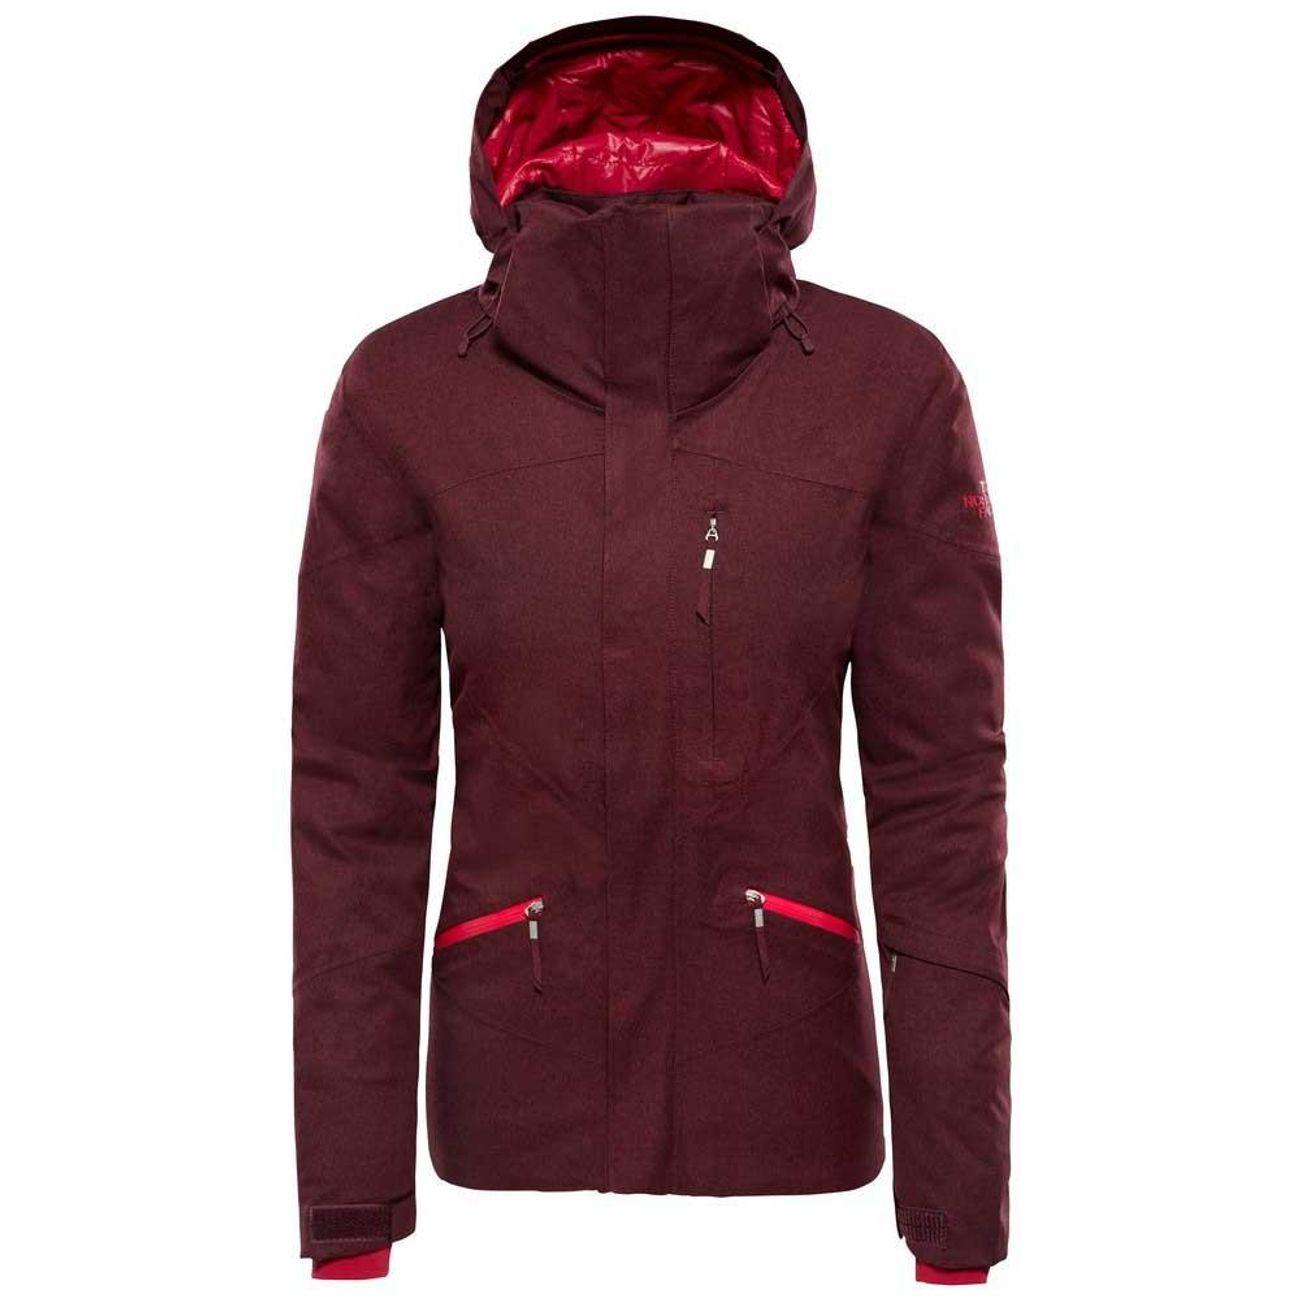 02a2ce70a The North Face Lenado Jacket – achat et prix pas cher - Go Sport